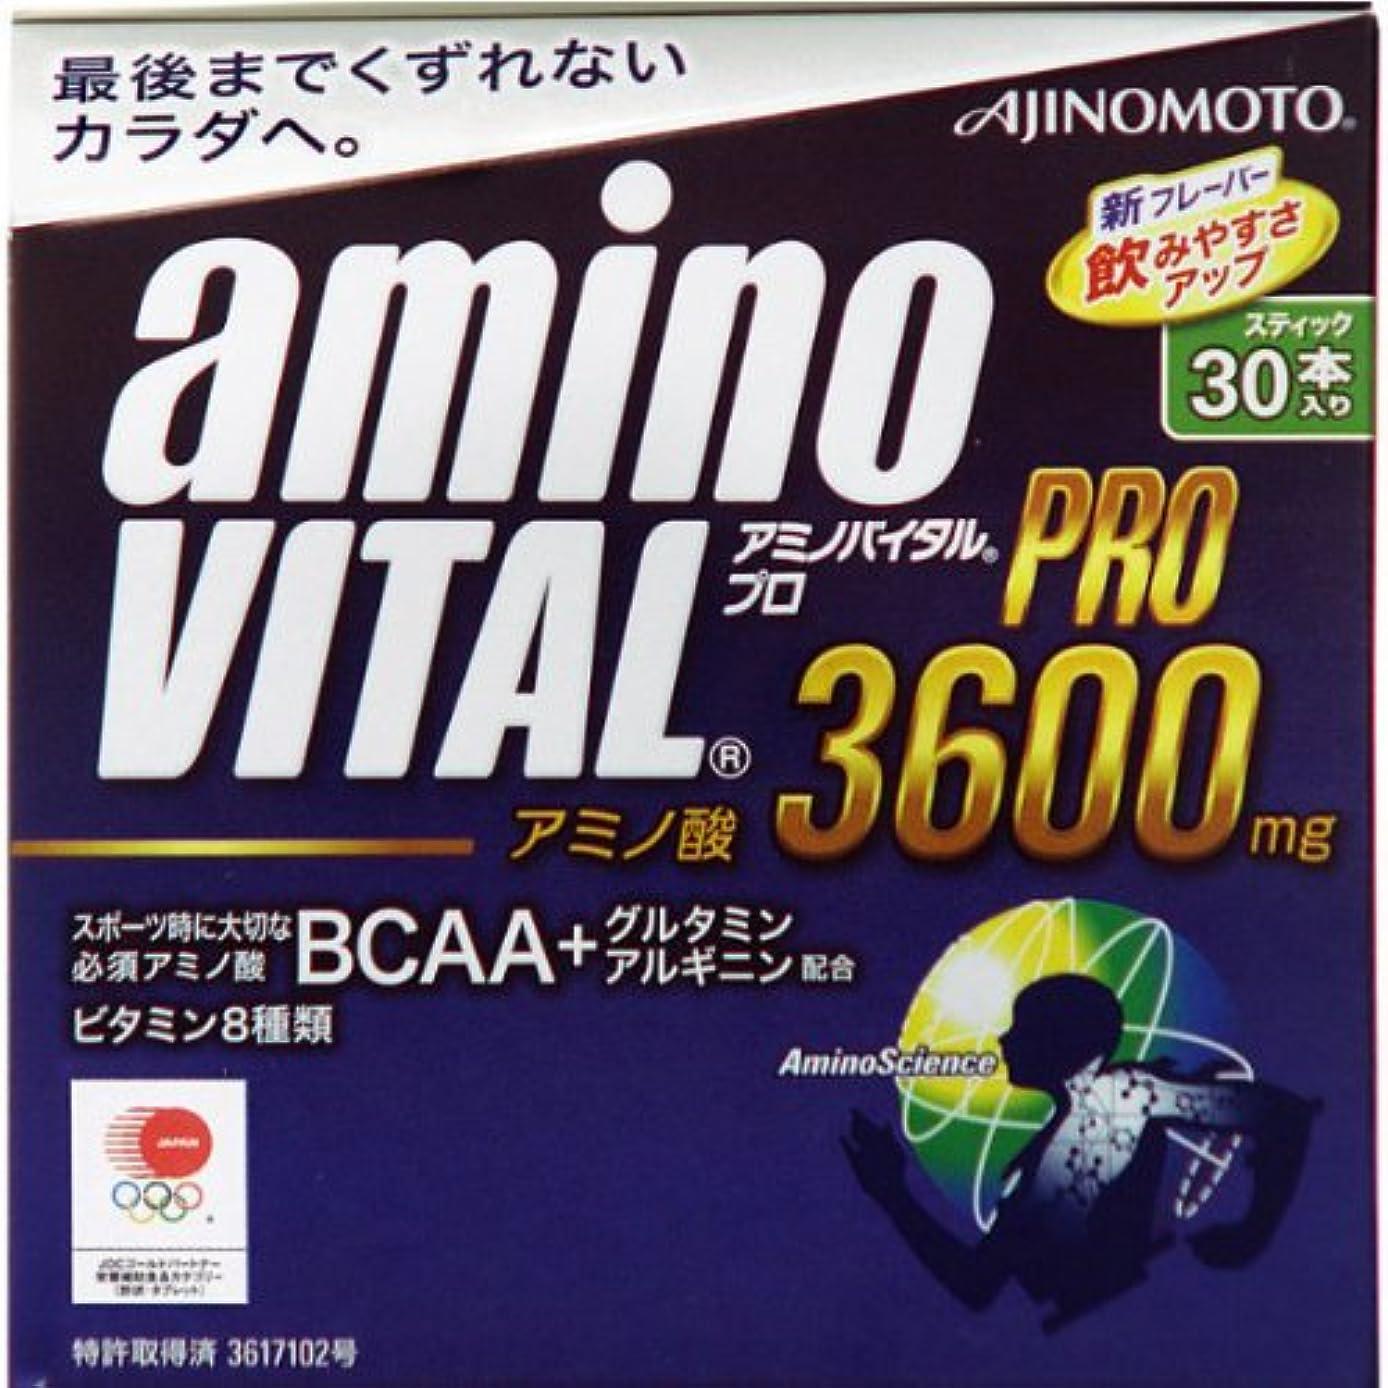 取得天窓協会amino VITAL アミノバイタル プロ アミノ酸3600mg 4.5g×30本入り